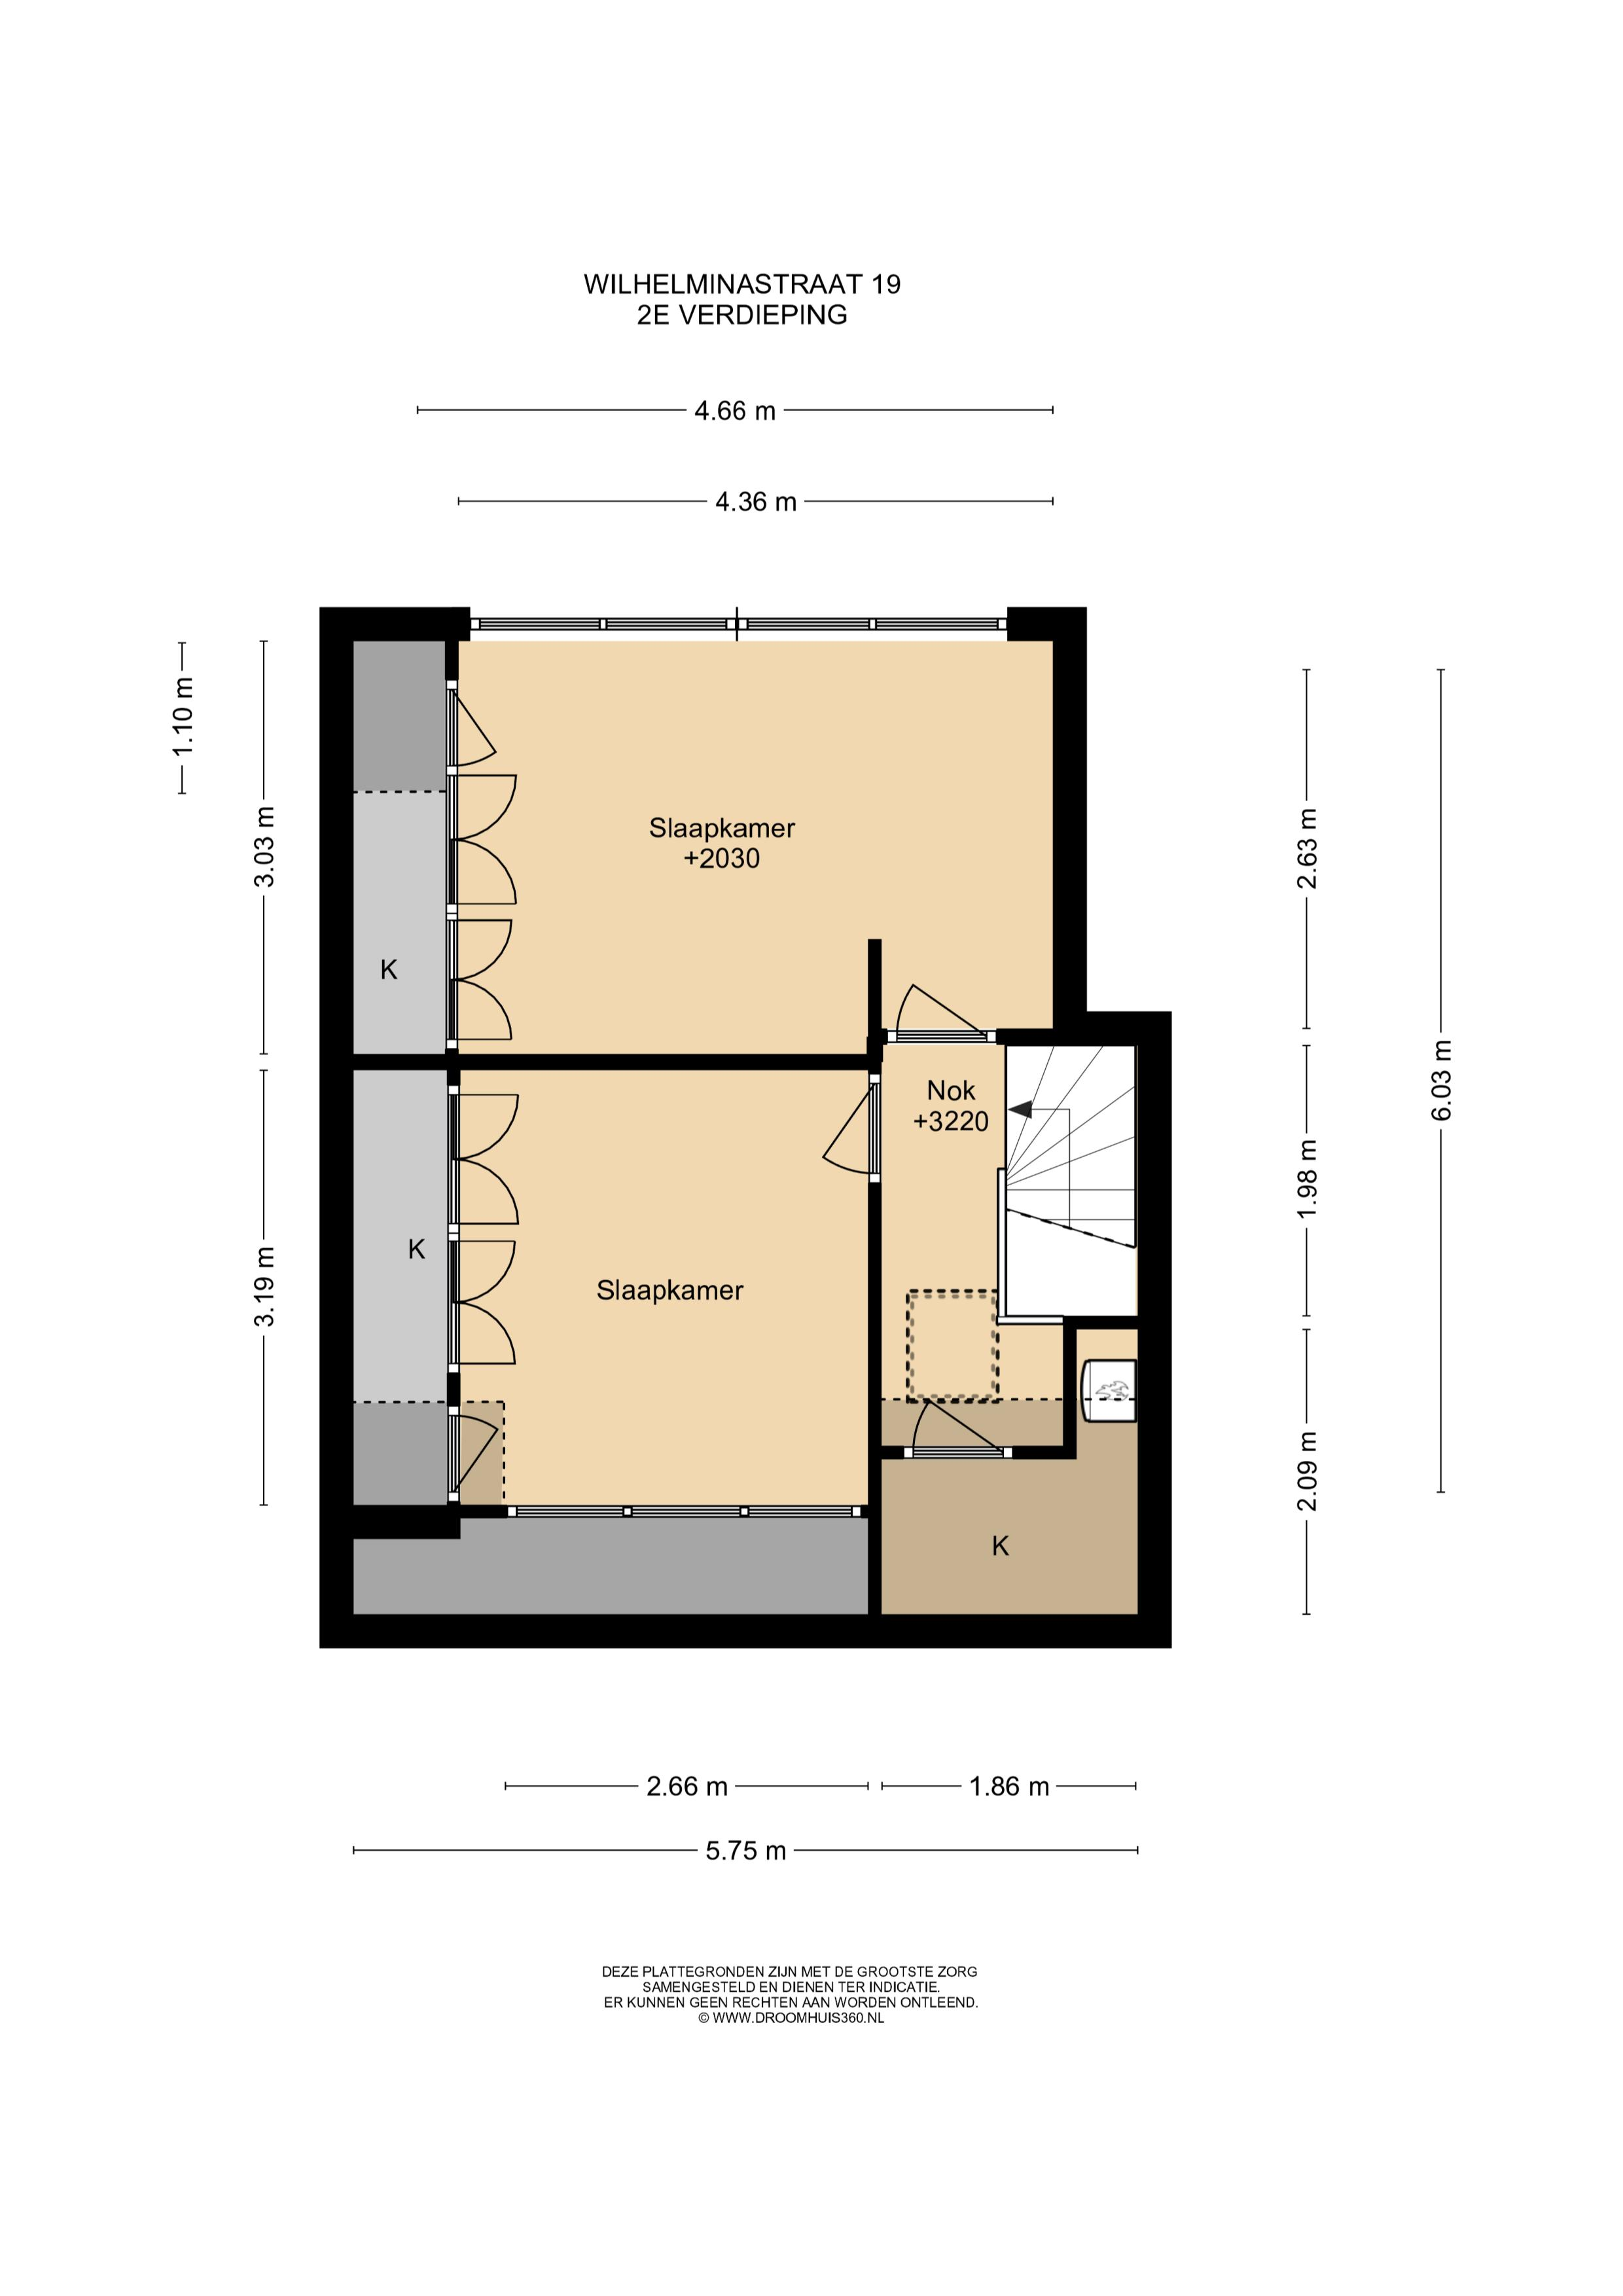 Tweede verdieping